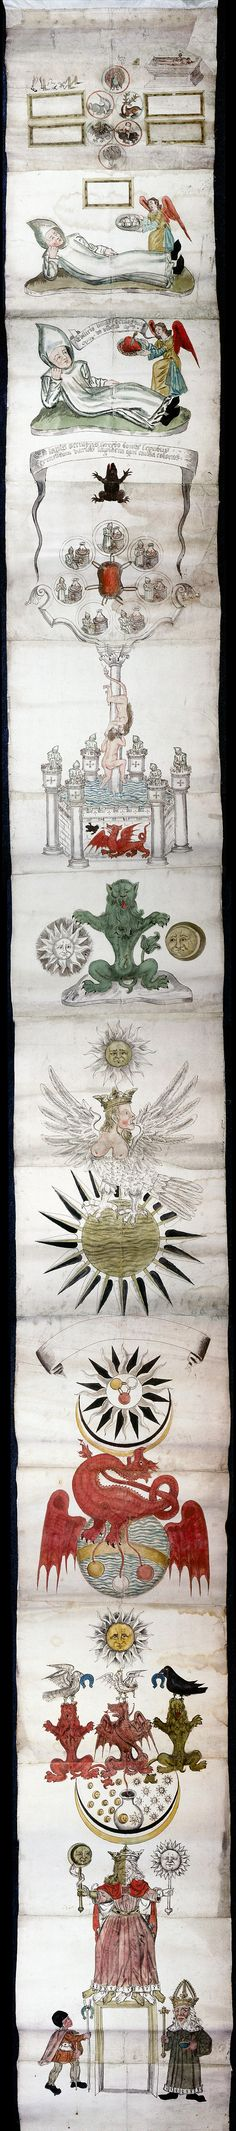 Ripley_Scroll_Bodleian_Library_MS._Ash._Rolls_53.jpg 800×7,226 pixeles